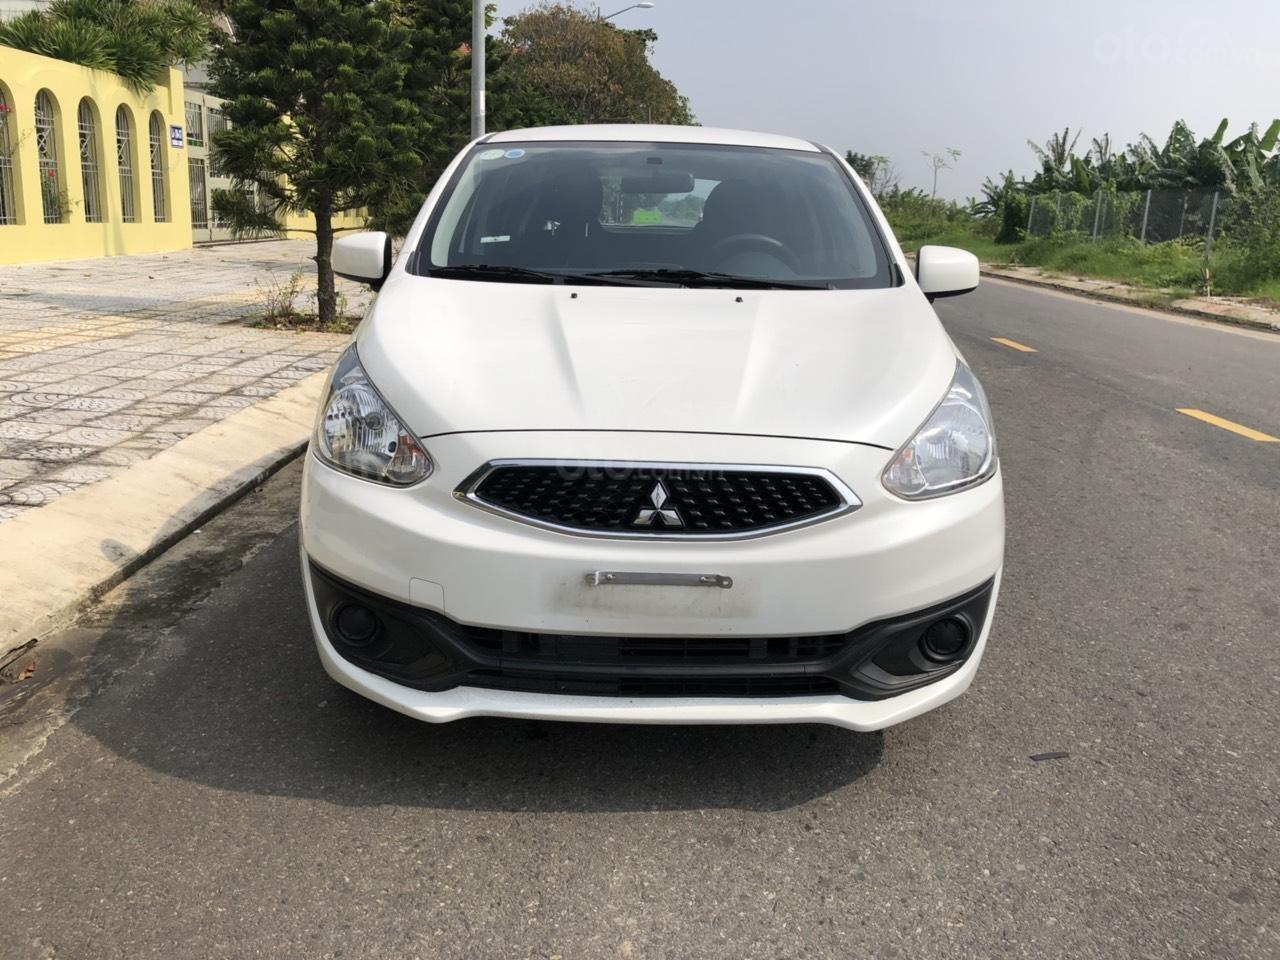 Cần bán gấp xe Mitsubishi Mirage năm 2018, màu trắng, nhập khẩu nguyên chiếc, LH: 0899877765 - 0935284855 (1)